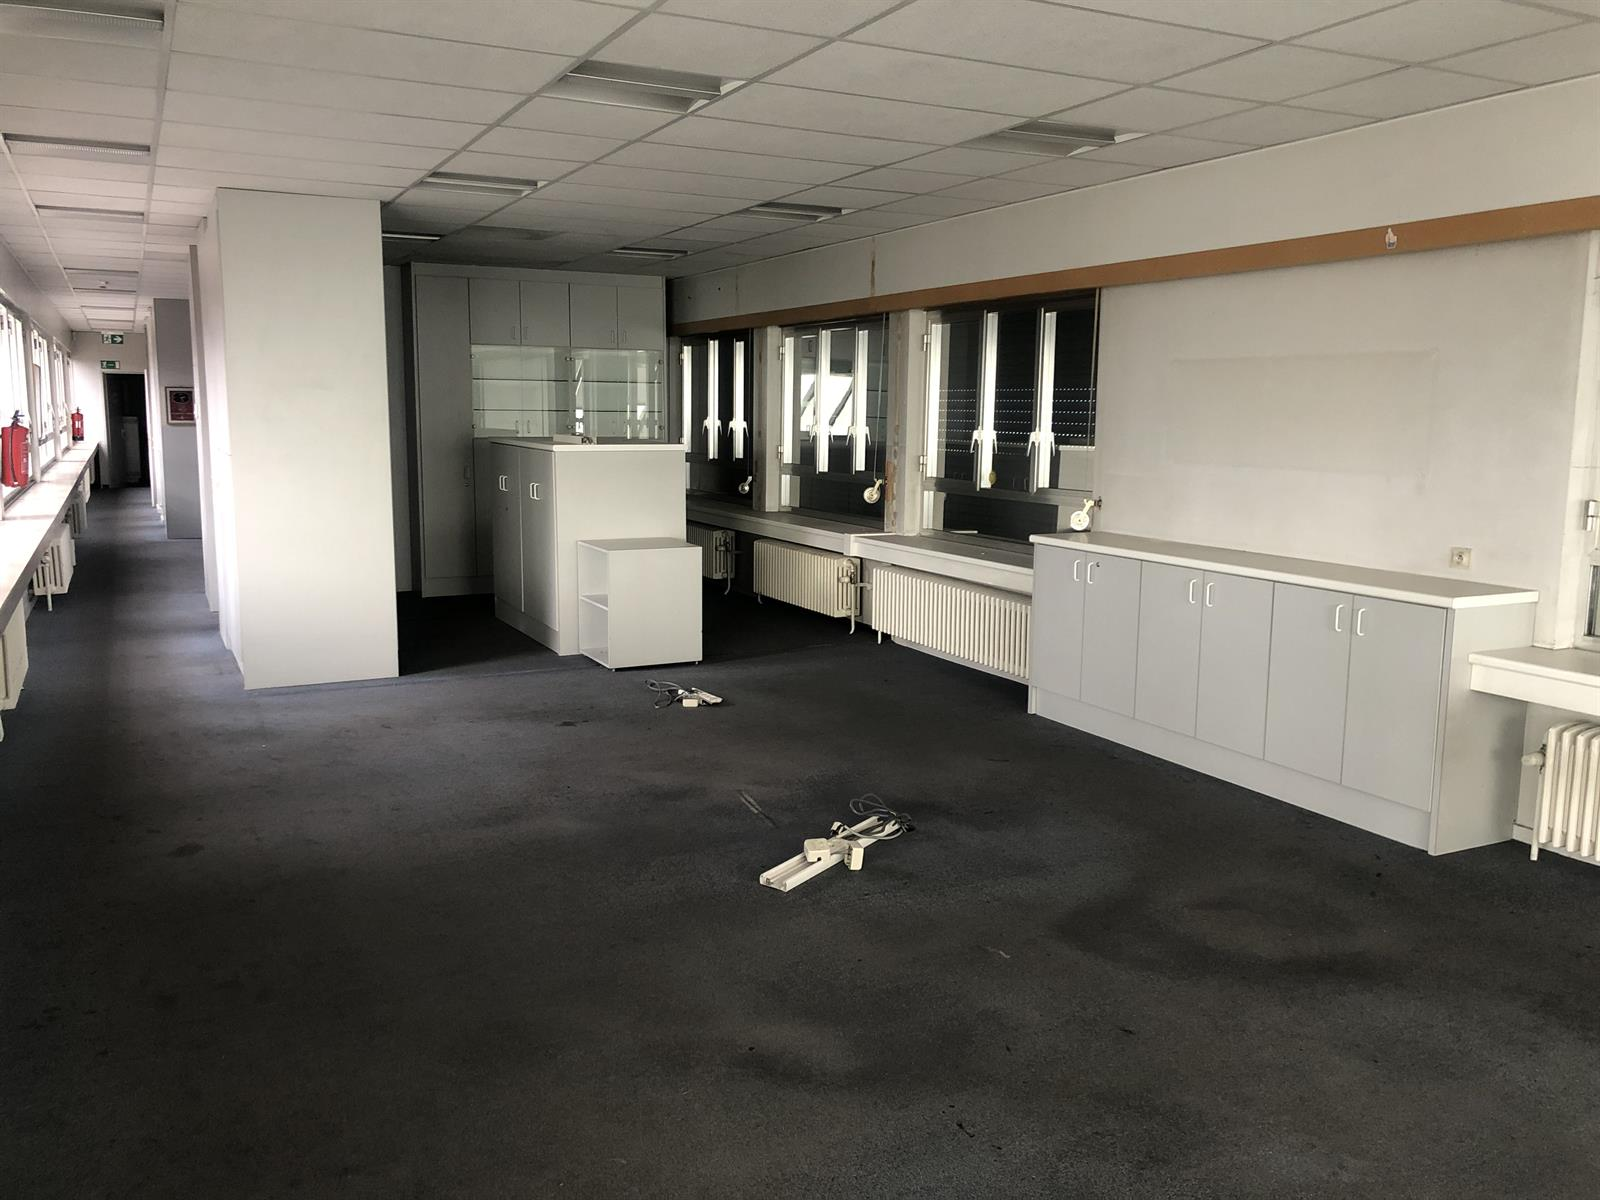 kantoor te huur K001 - Wilmarsdonksteenweg 11, 2030 Antwerpen, België 3